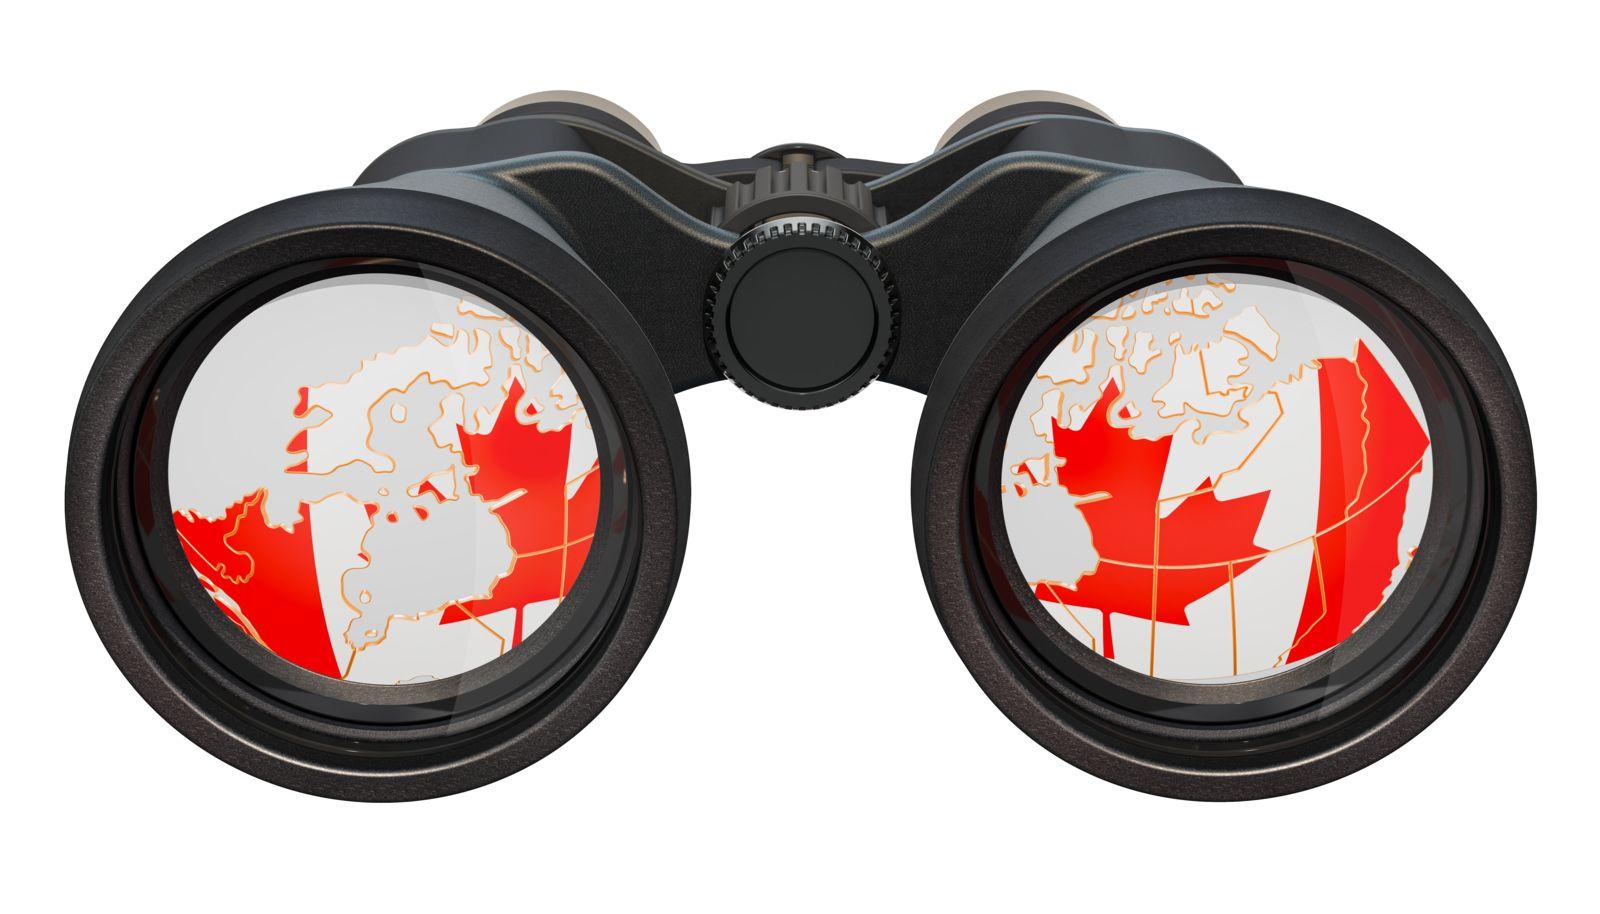 Binoculars spying on you